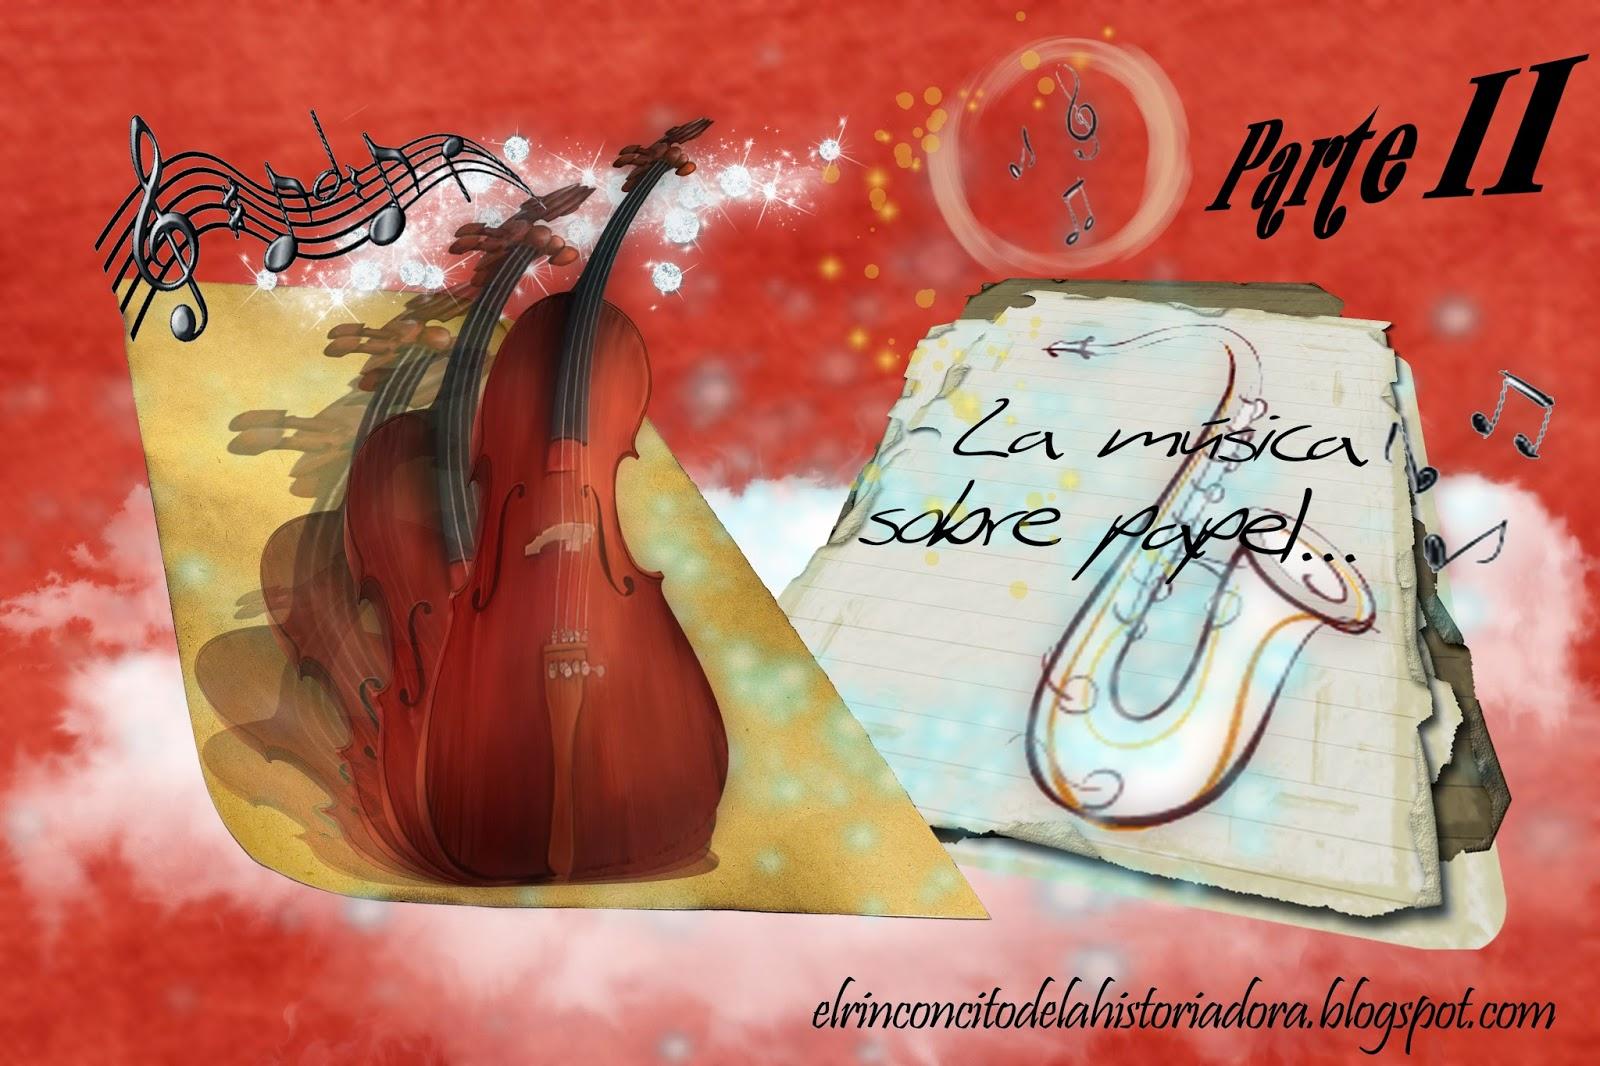 http://elrinconcitodelahistoriadora.blogspot.com.es/2014/01/coleccion-de-cupones-del-ano-1987-de-la.html